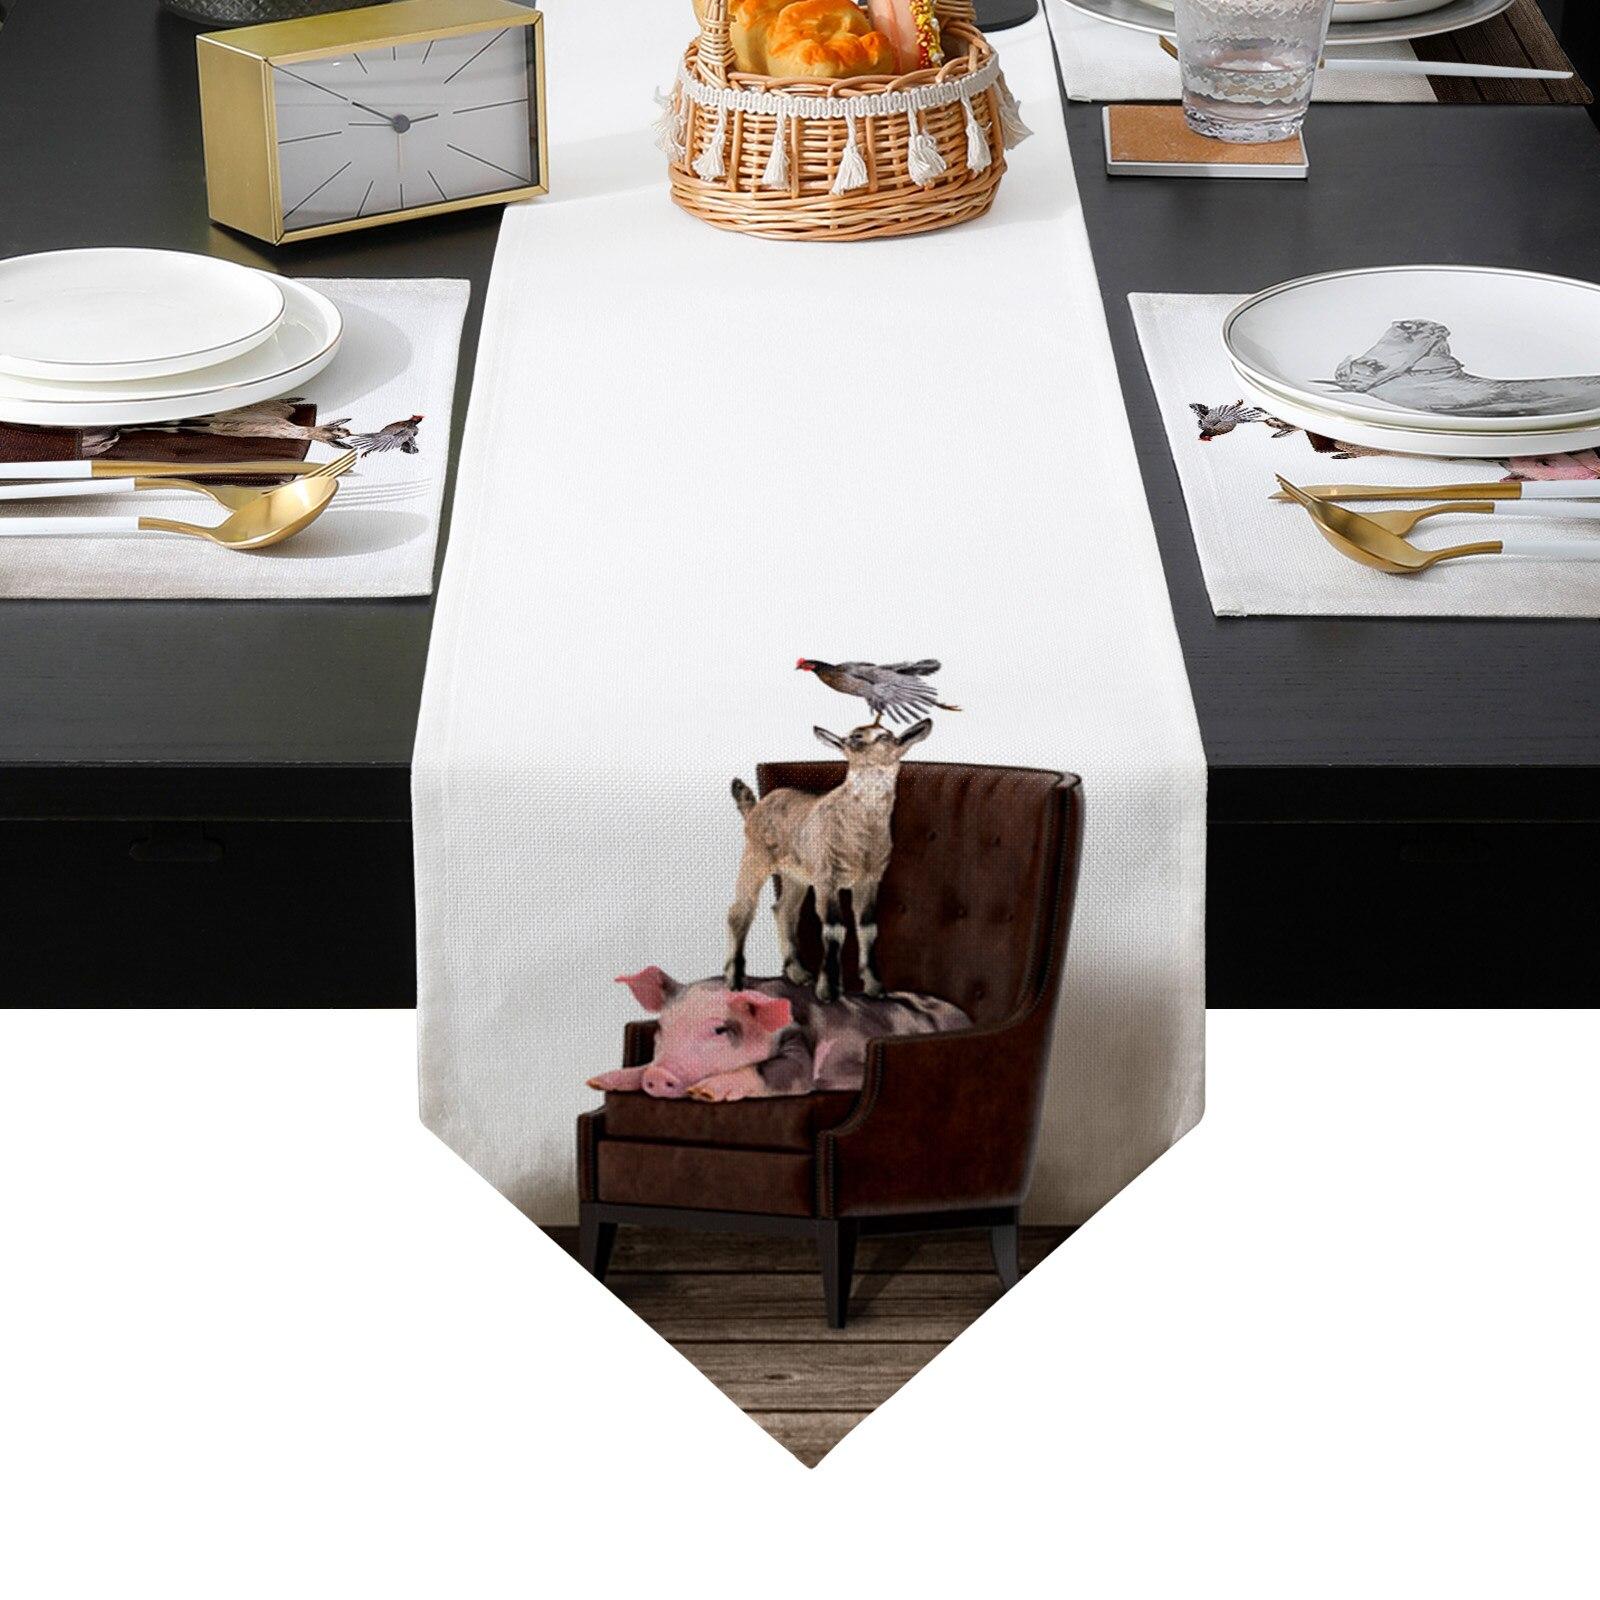 خنزير البقر الدجاج يجلس على كرسي الجدول عداء تحديد الموقع مجموعة سماط طاولة طعام حصيرة المنزل الزفاف الجدول الديكور